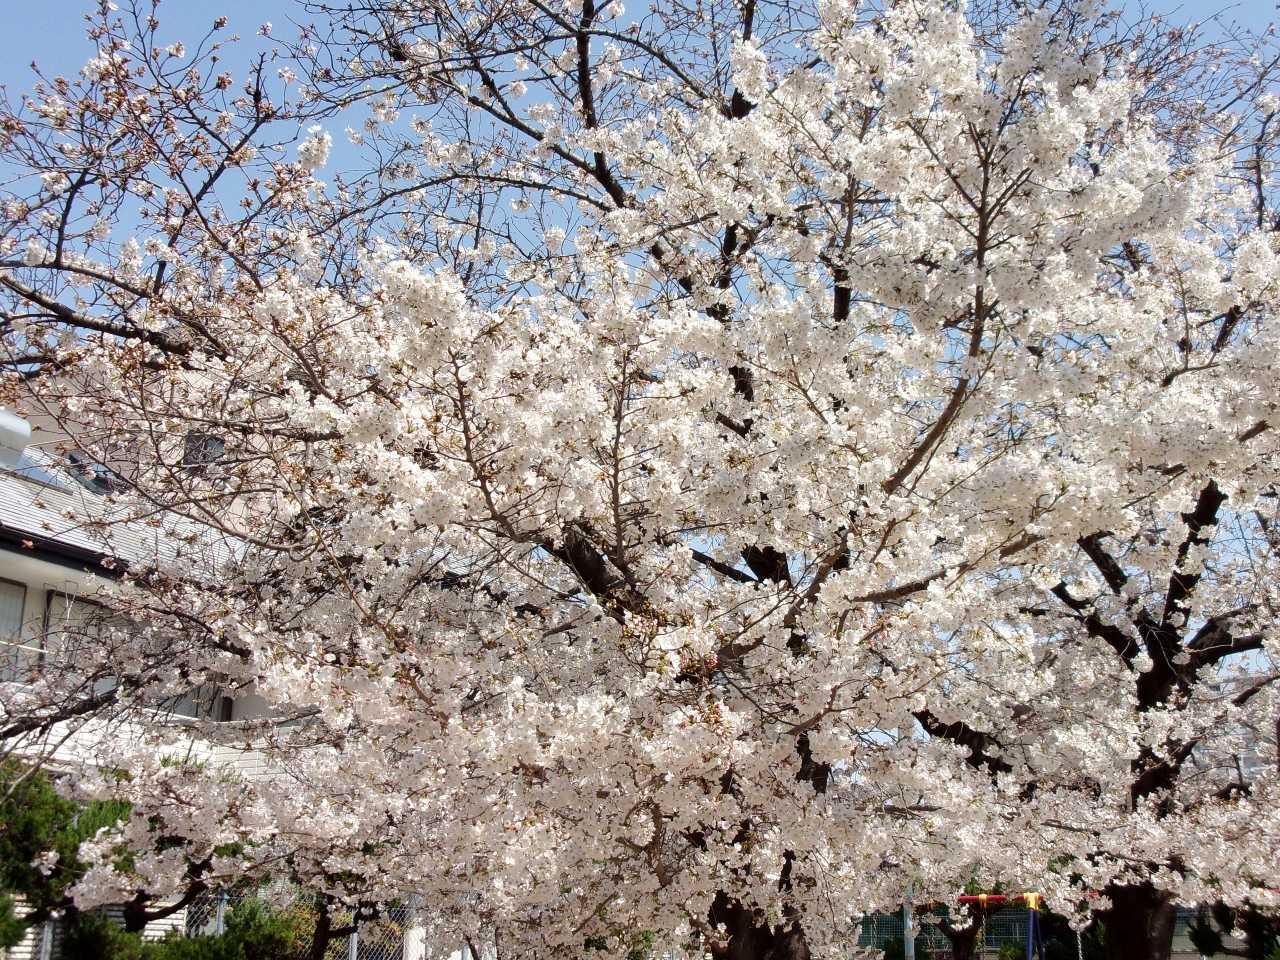 春たけなわの季節になりました!?の巻 | 人さまのネコ - 楽天ブログ